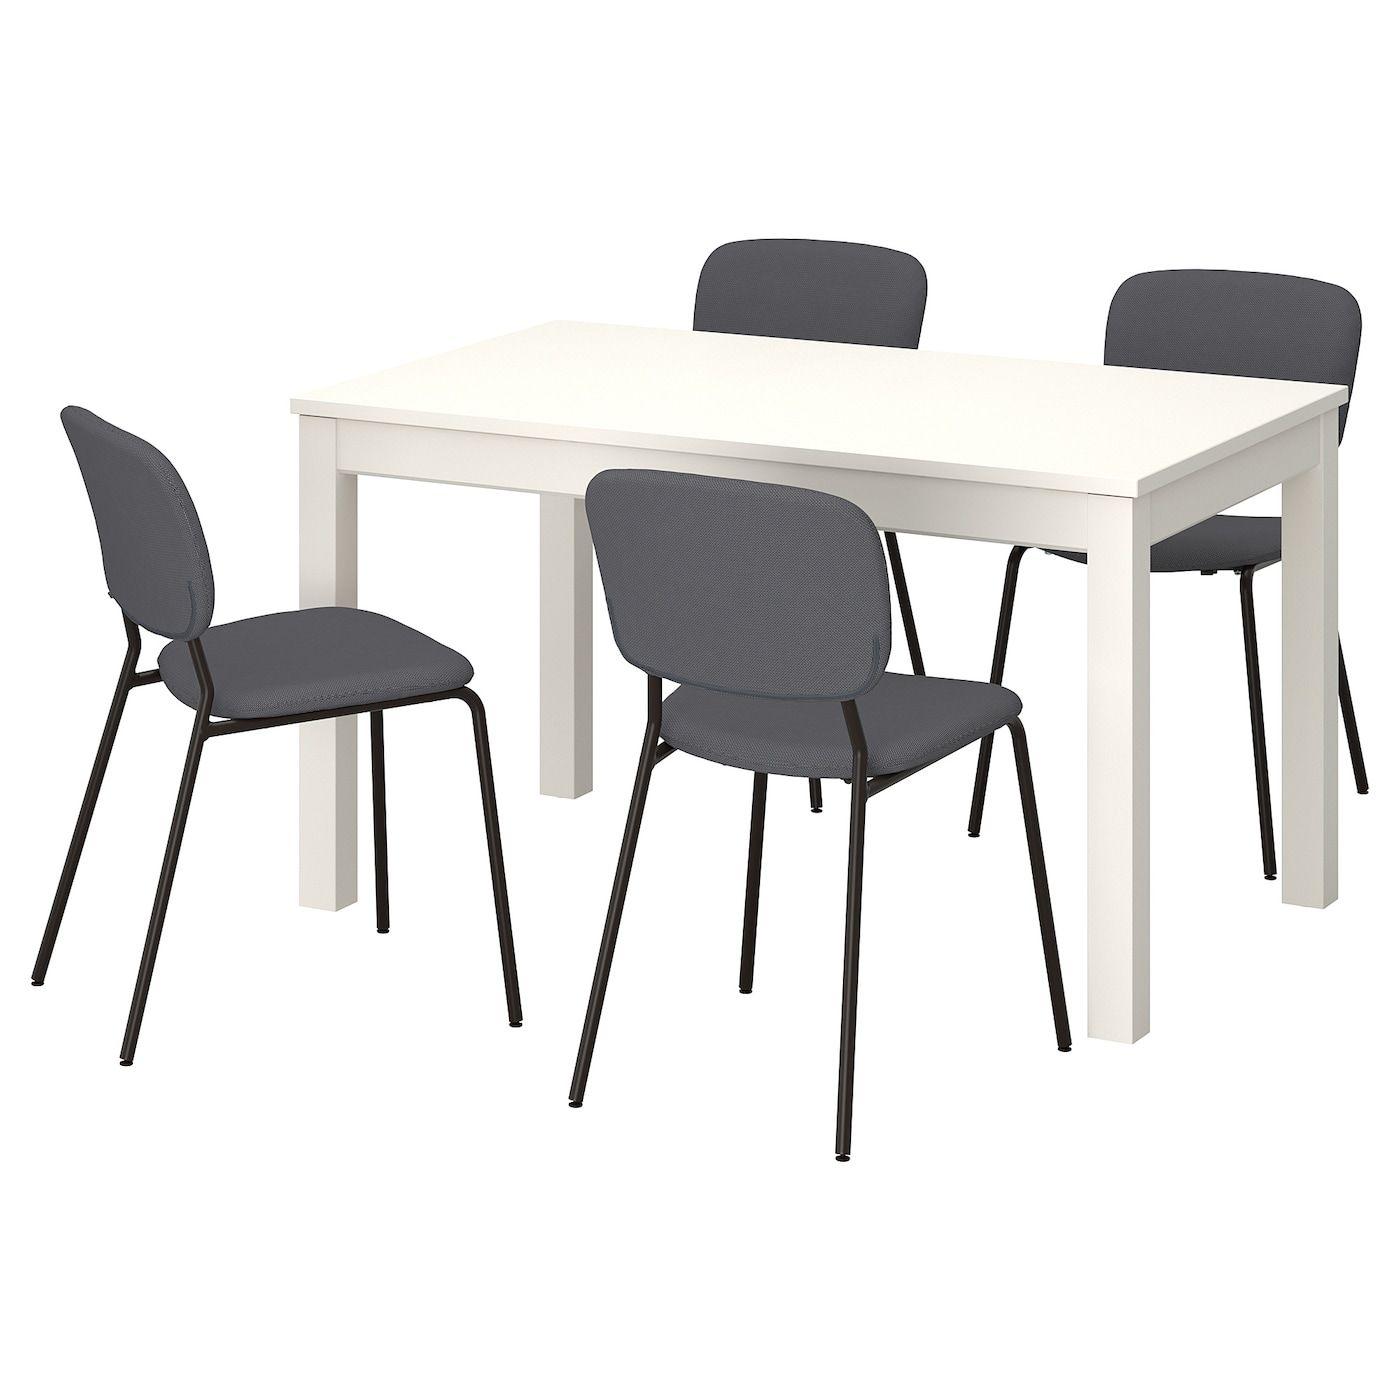 Laneberg Karljan Tisch Und 4 Stuhle Weiss Dunkelgrau